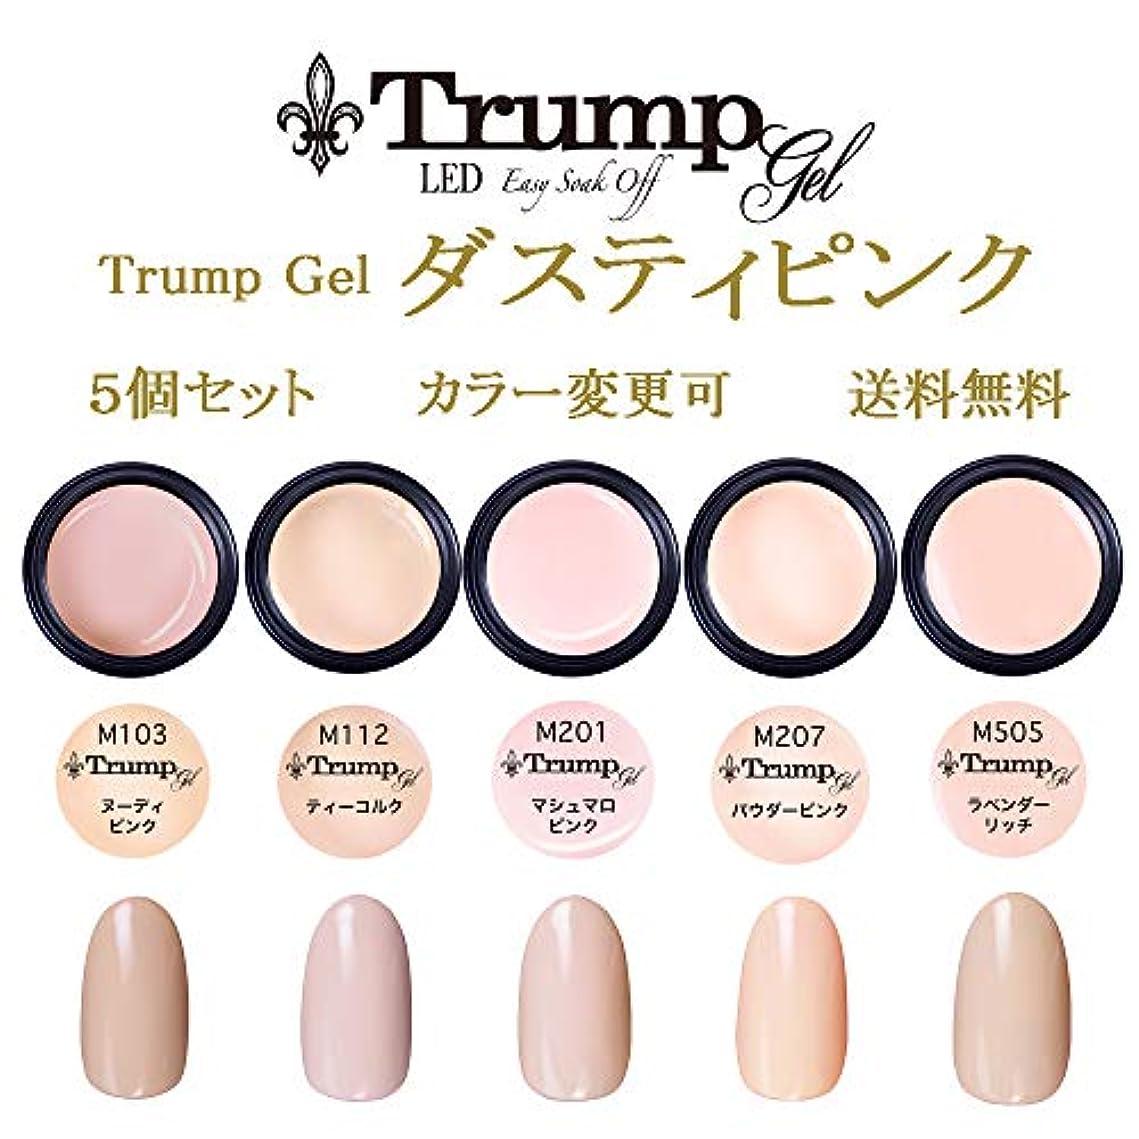 ご予約ブリッジタフ【送料無料】Trumpダスティピンクカラー選べる カラージェル5個セット